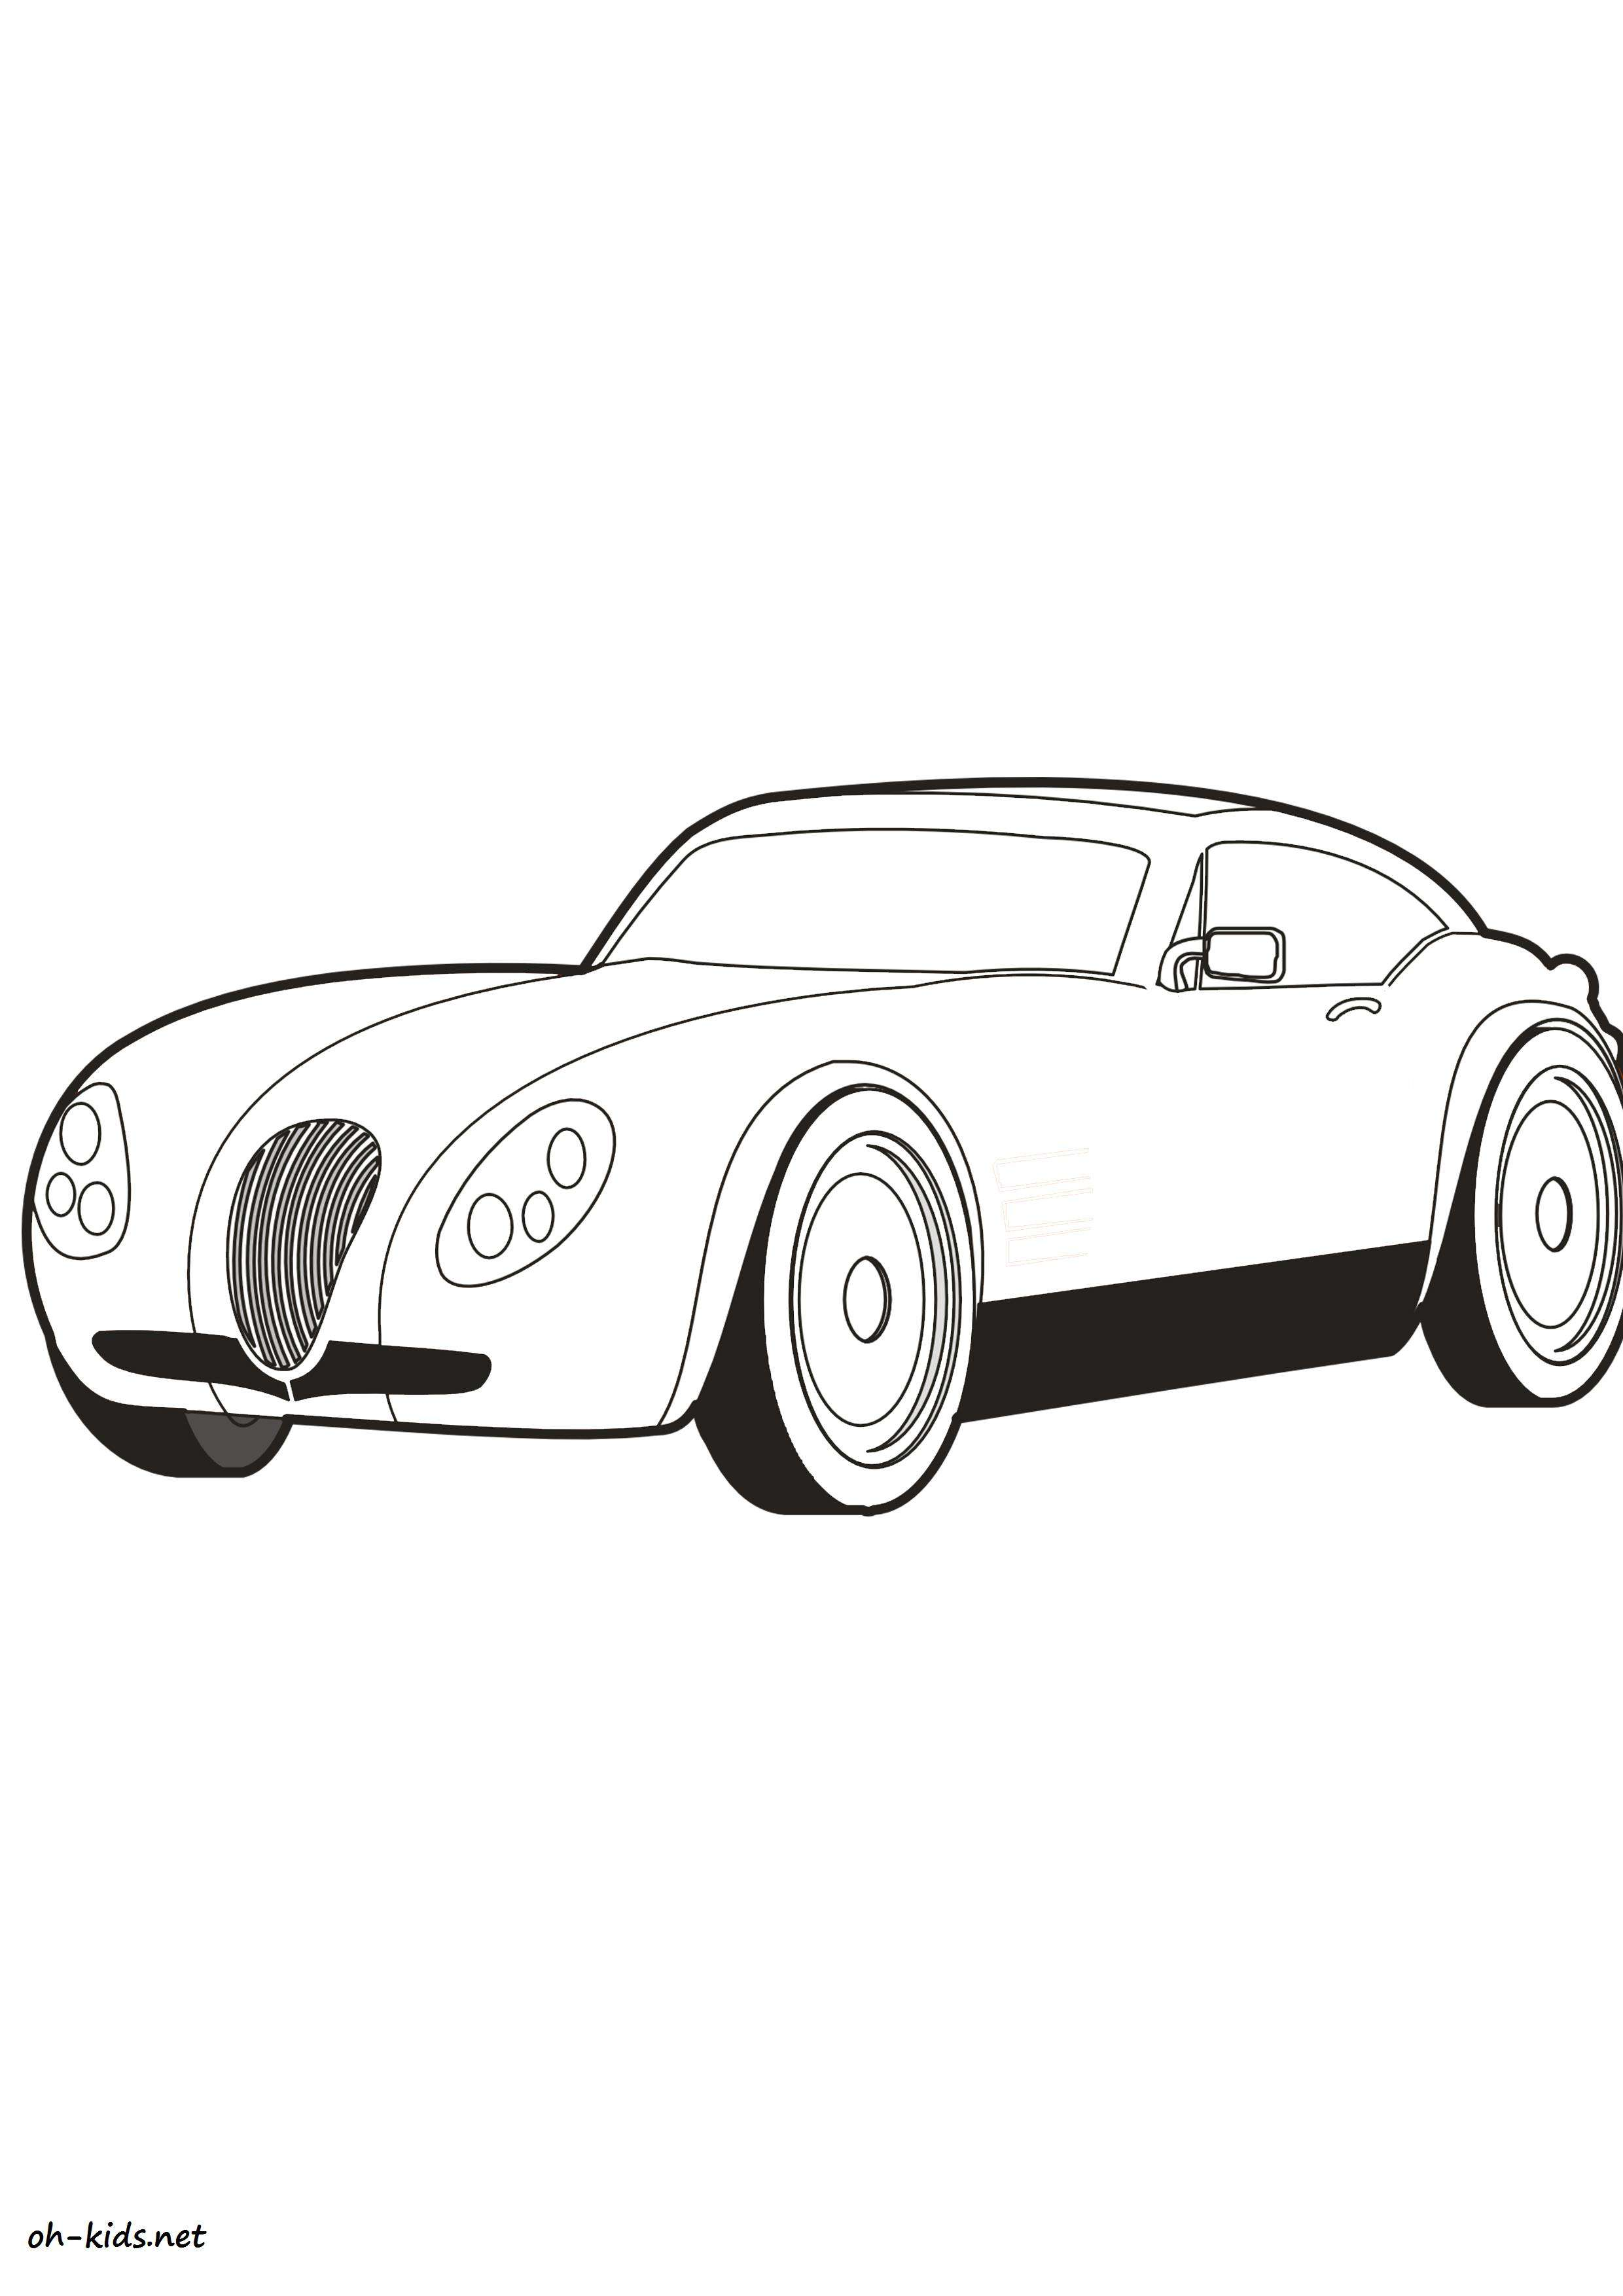 Coloriage de automobile gratuit à imprimer - Dessin #1428